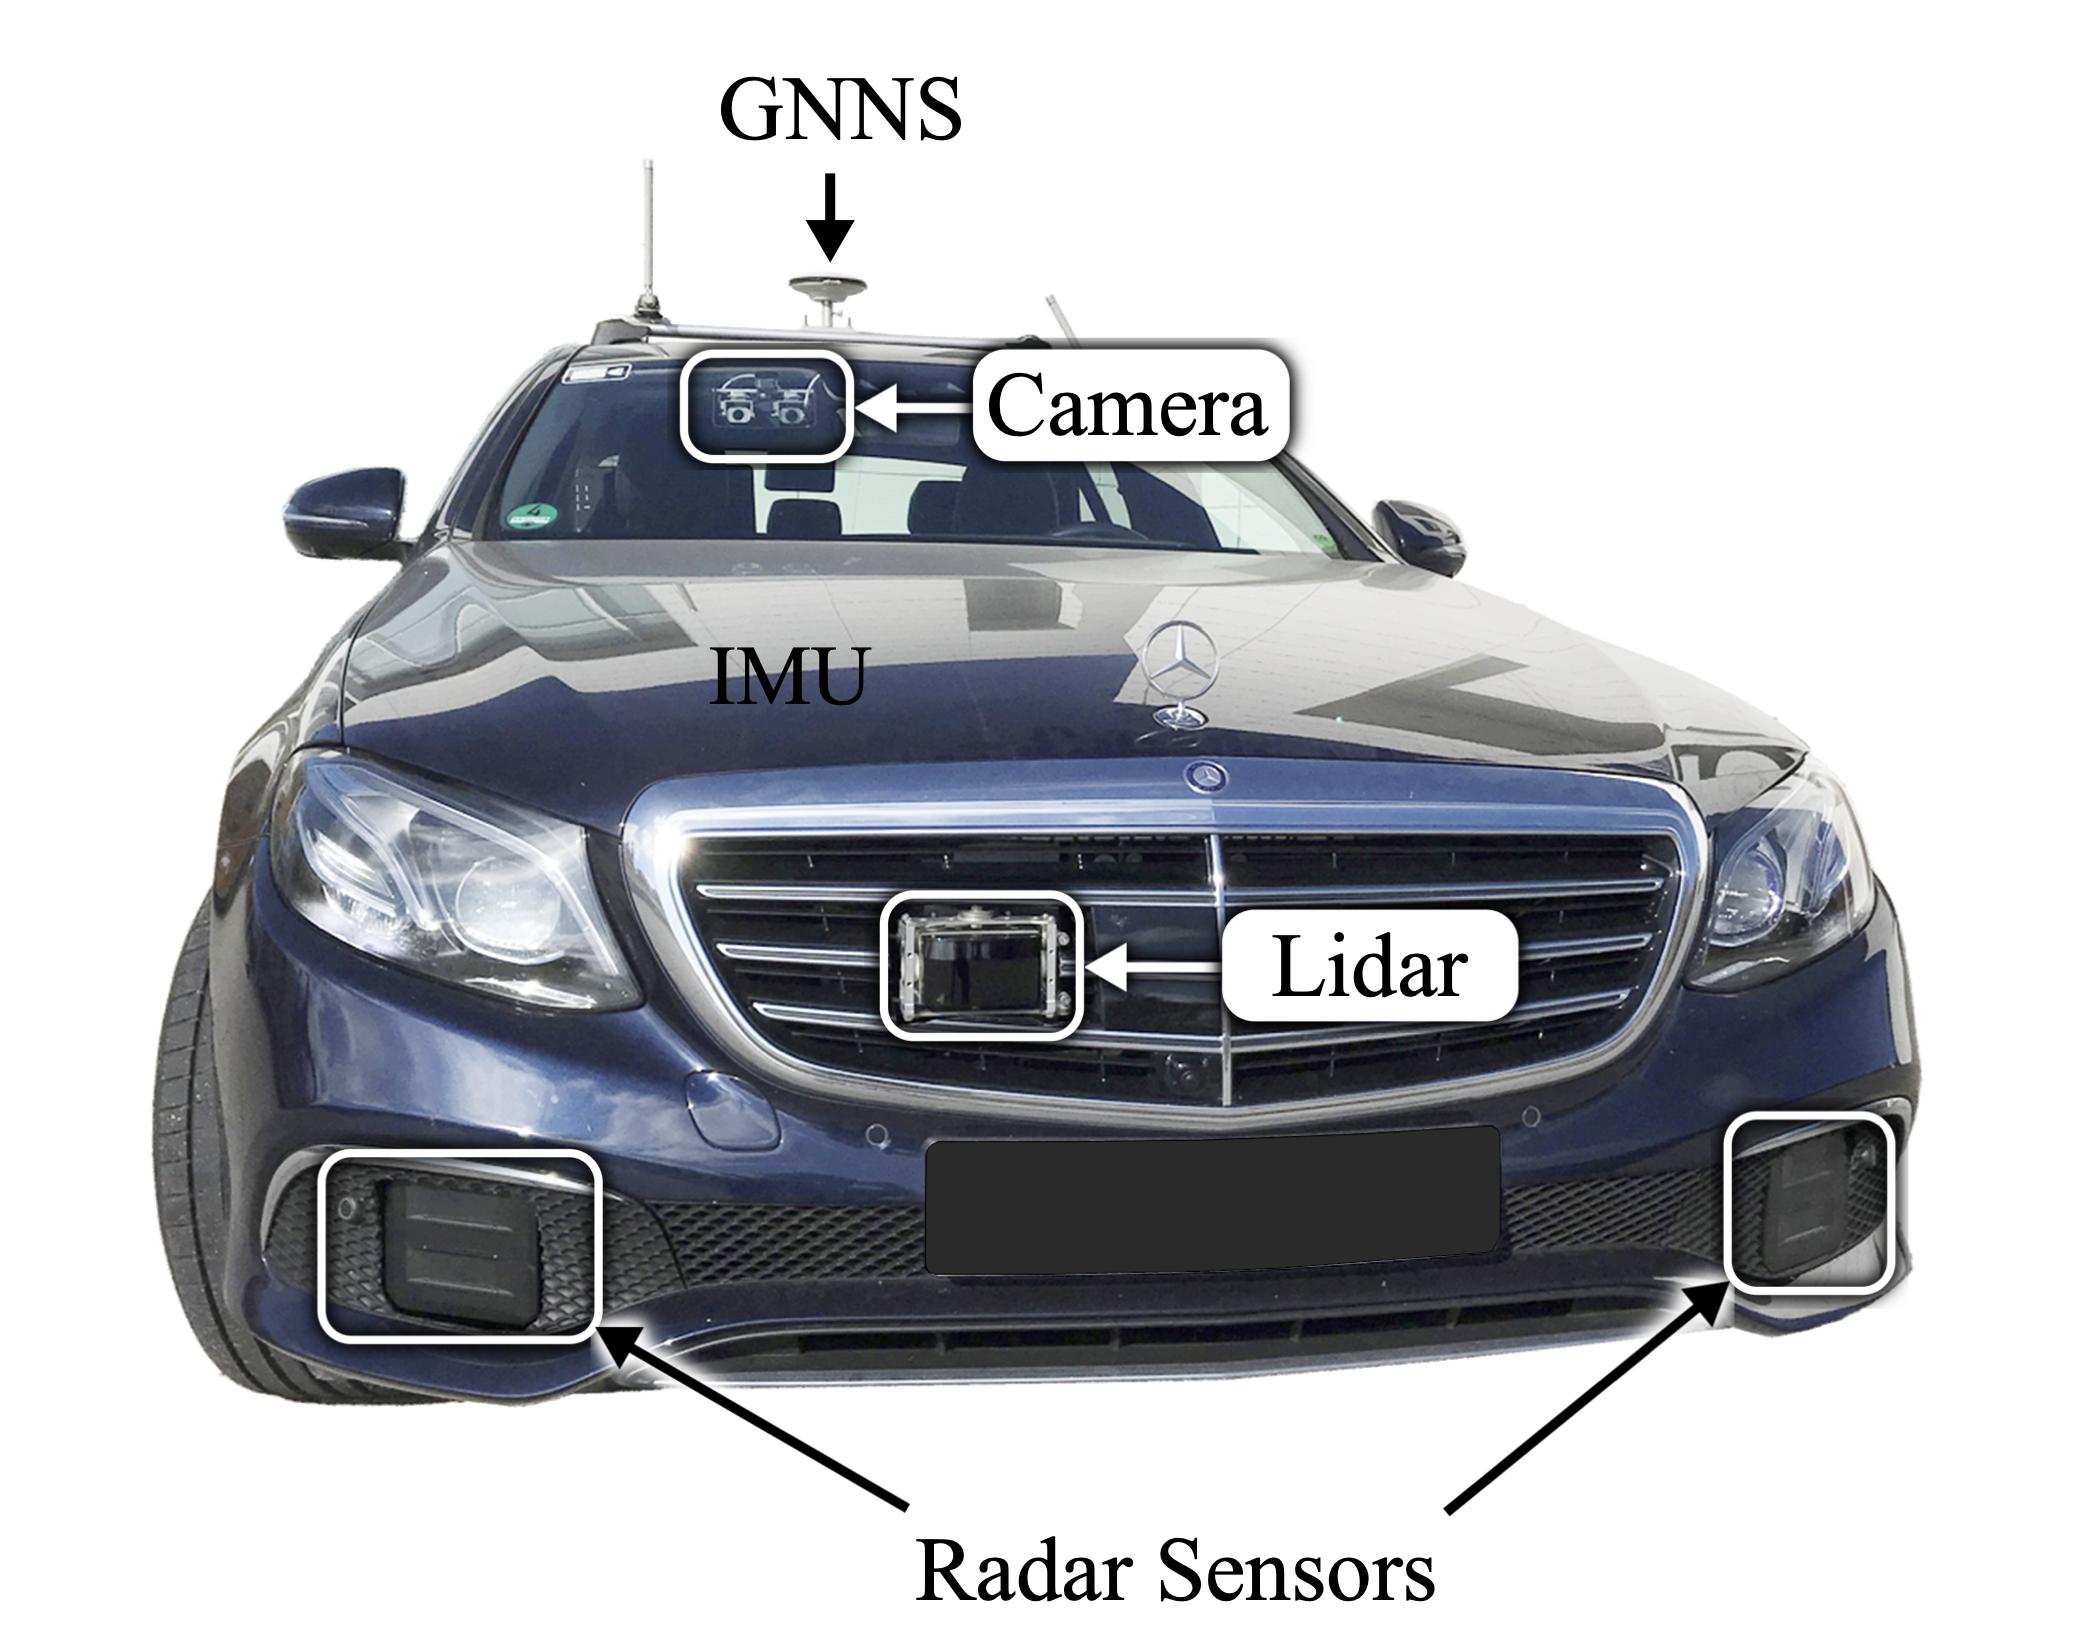 Das neben einer GNSS-Antenne (GNSS = Global Navigation Satellite System) unter anderem mit einer inertialen Messeinheit (IMU), Lidar- und Radarsensoren sowie einer Kamera ausgestattete Testfahrzeug von Mercedes-Benz. Foto: Daimler AG